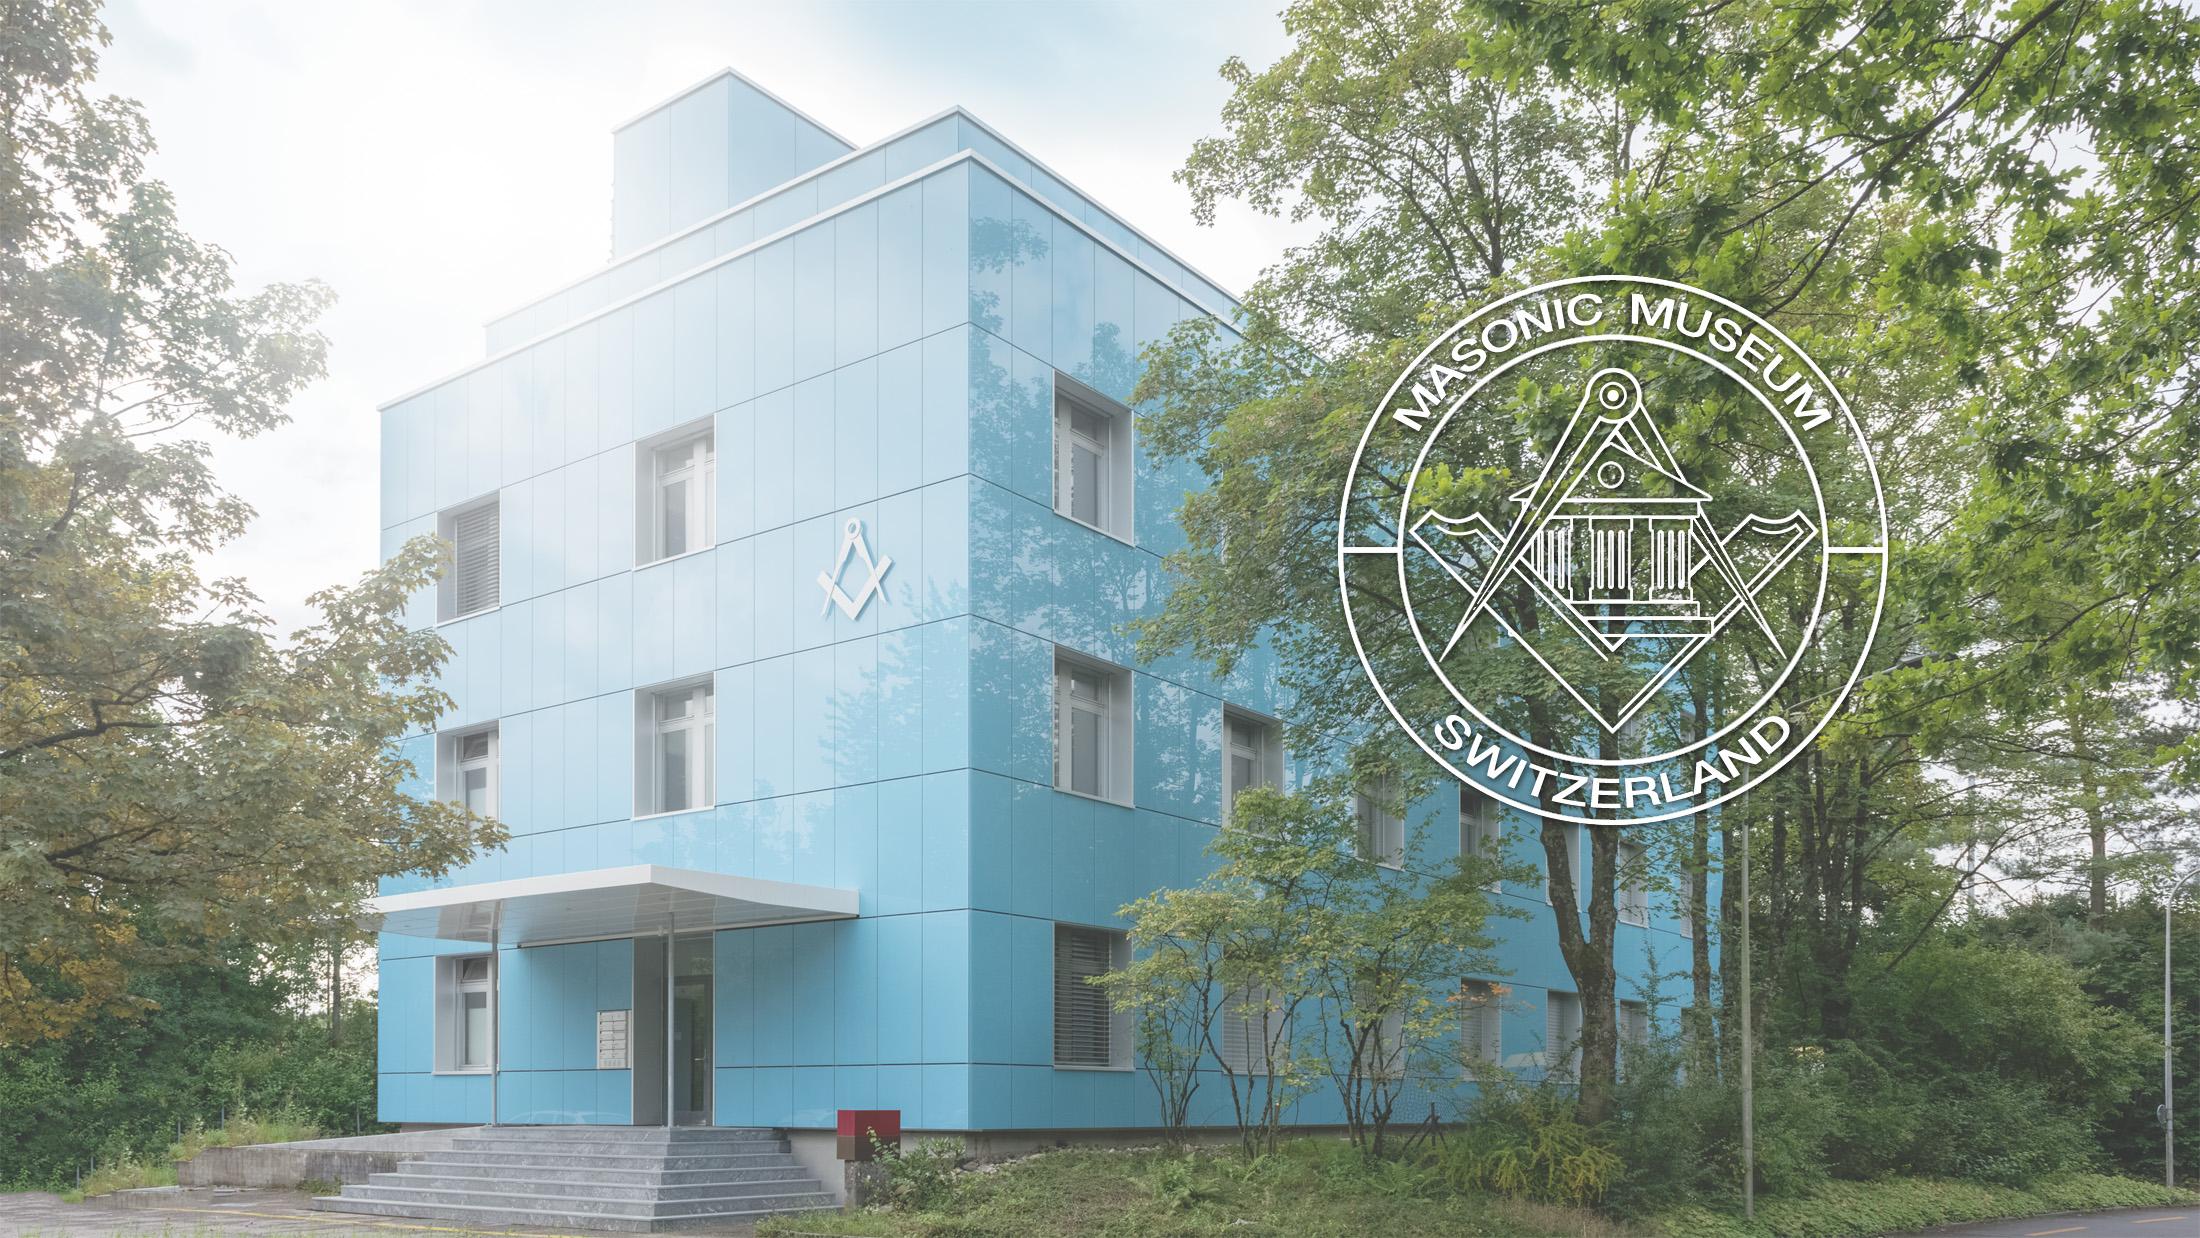 Partnersuche munchberg Partnersuche und Freundschaften in Münchberg - Kontakte 50plus